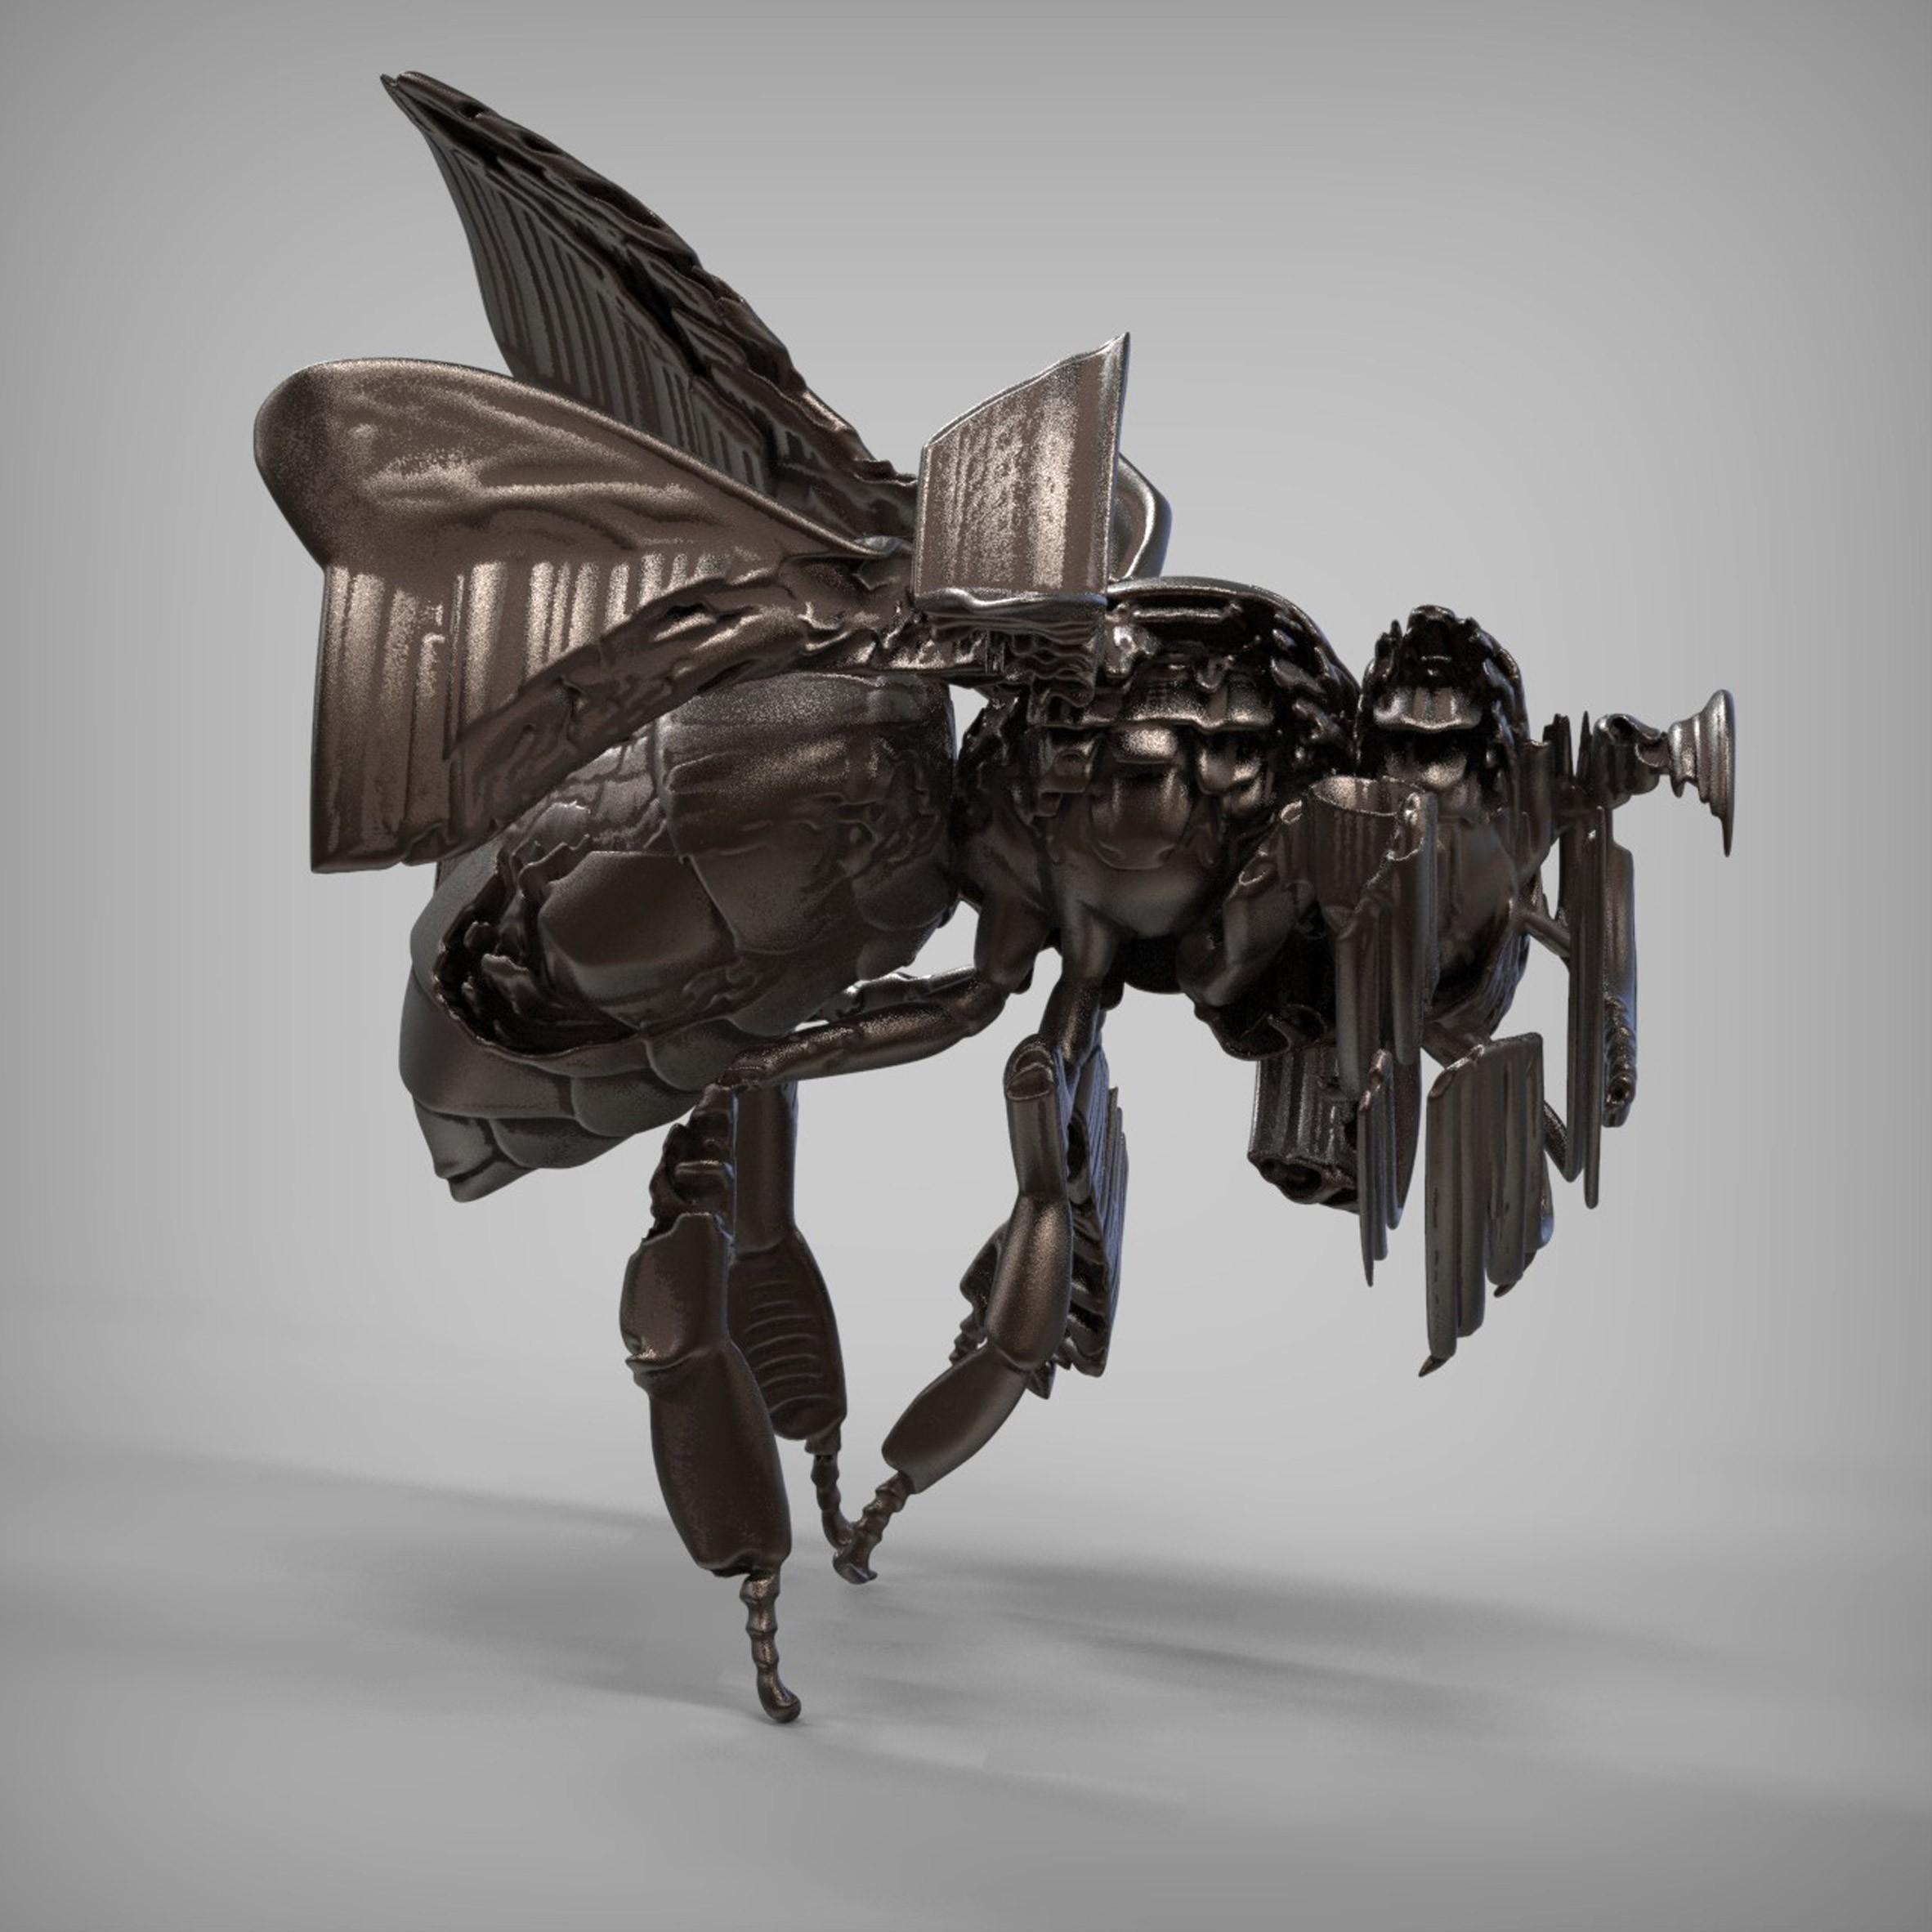 Primeira artista robô humanoide do mundo expõe obras no Reino Unido (Foto: Divulgação)